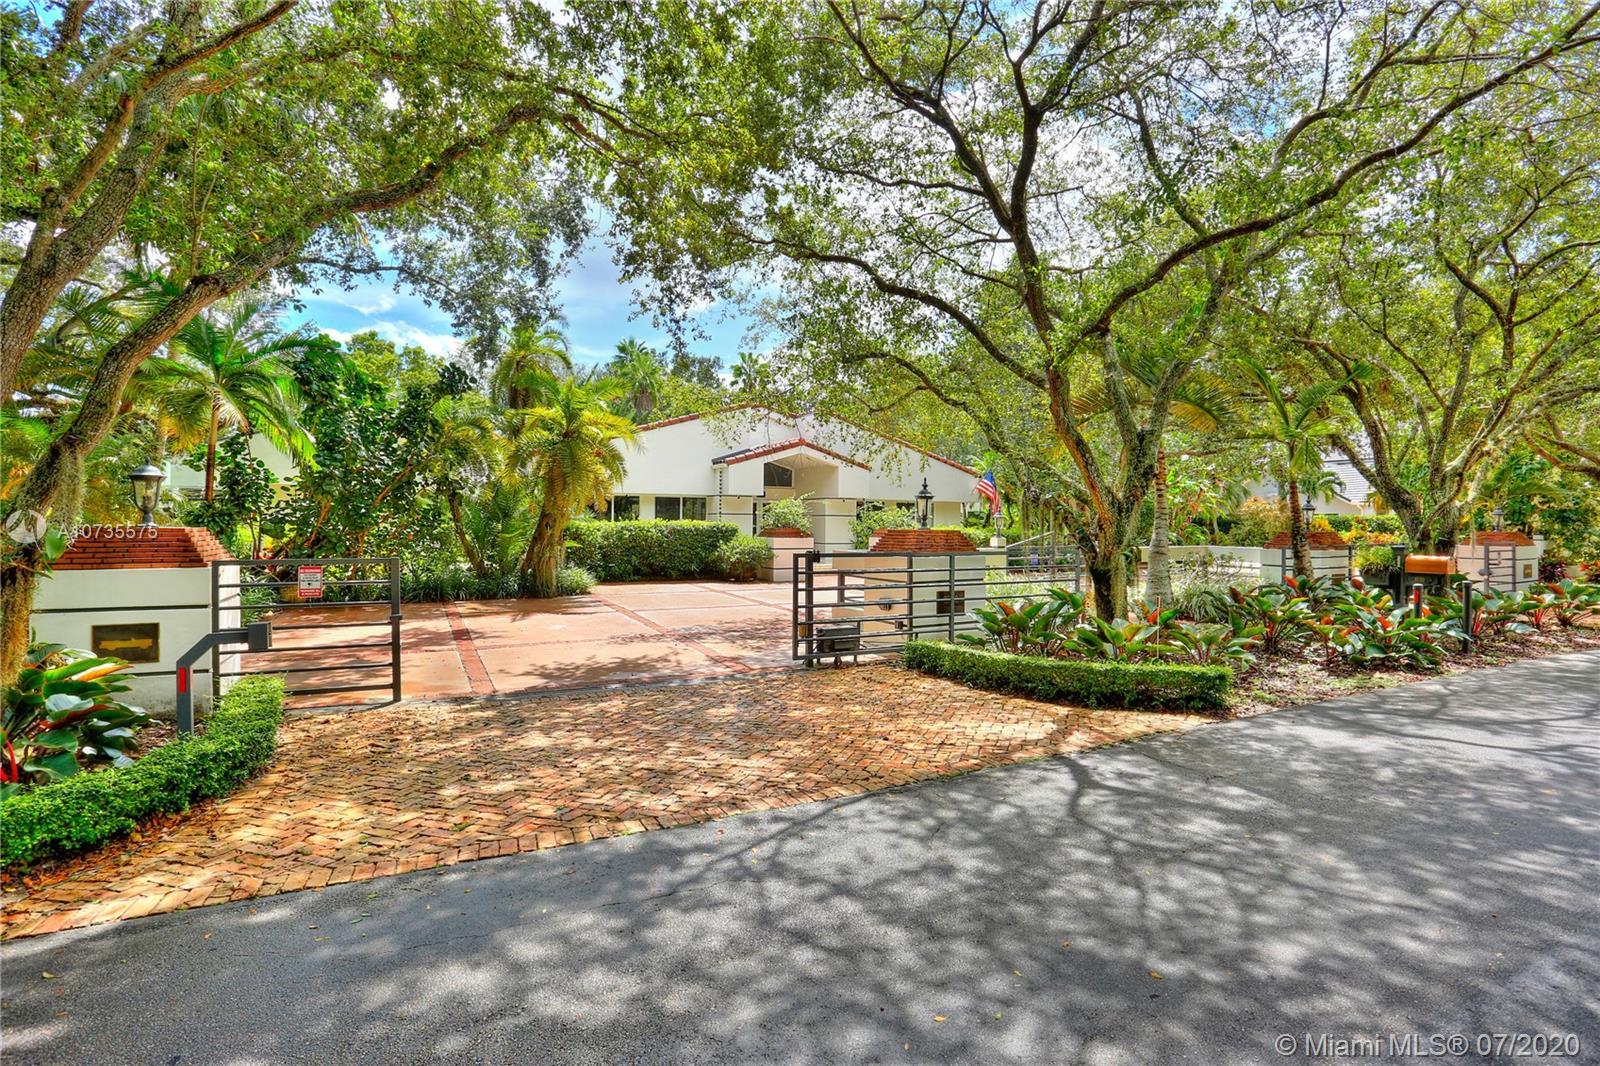 8750 SW 100th St, Miami, FL 33176 - Miami, FL real estate listing